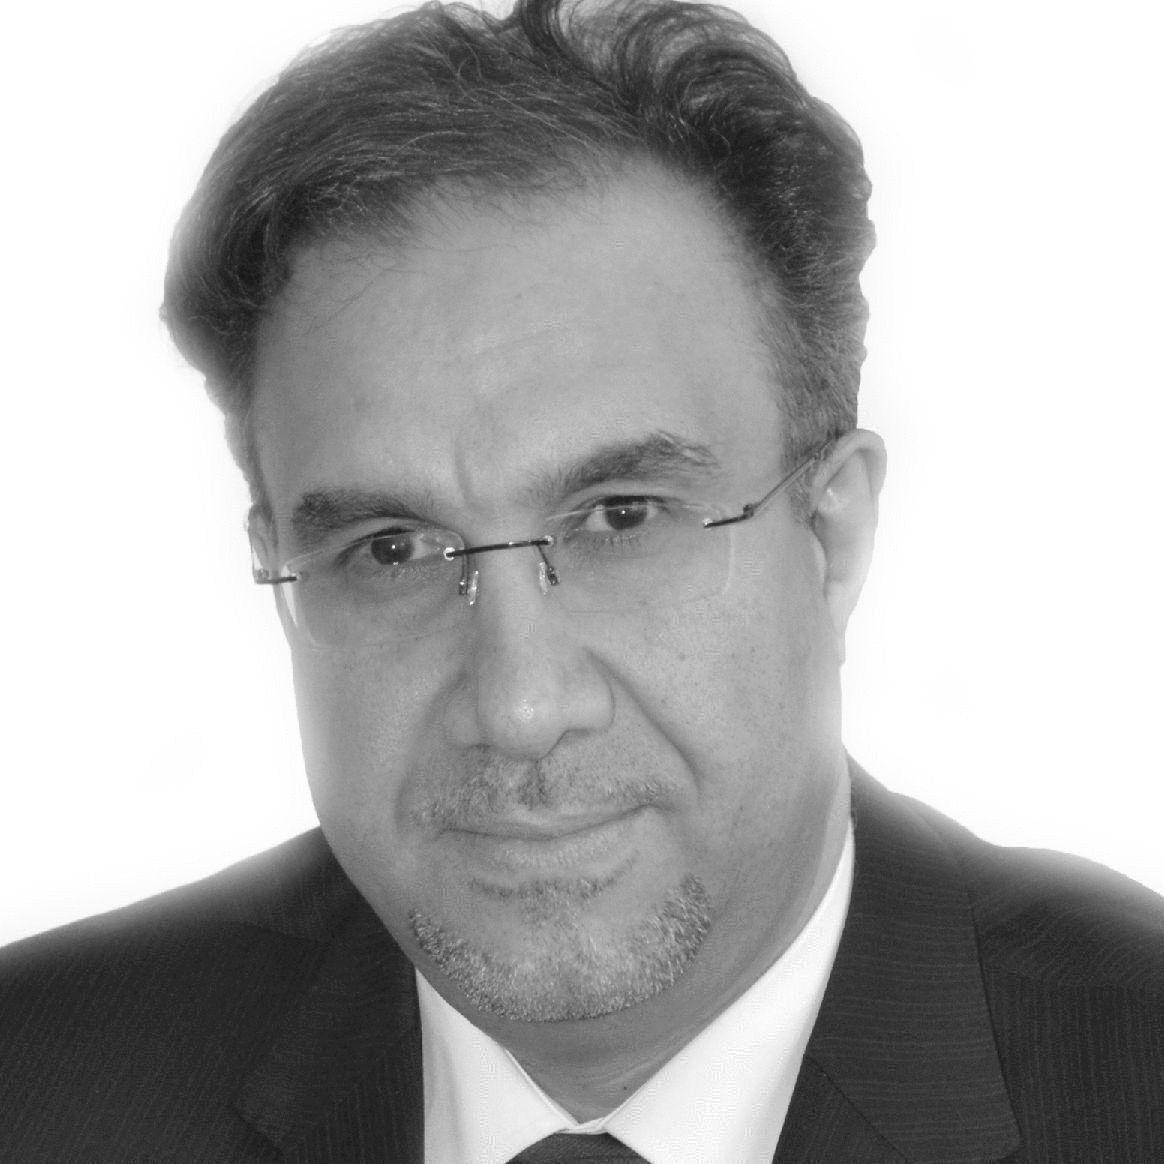 Luay Al Khatteeb